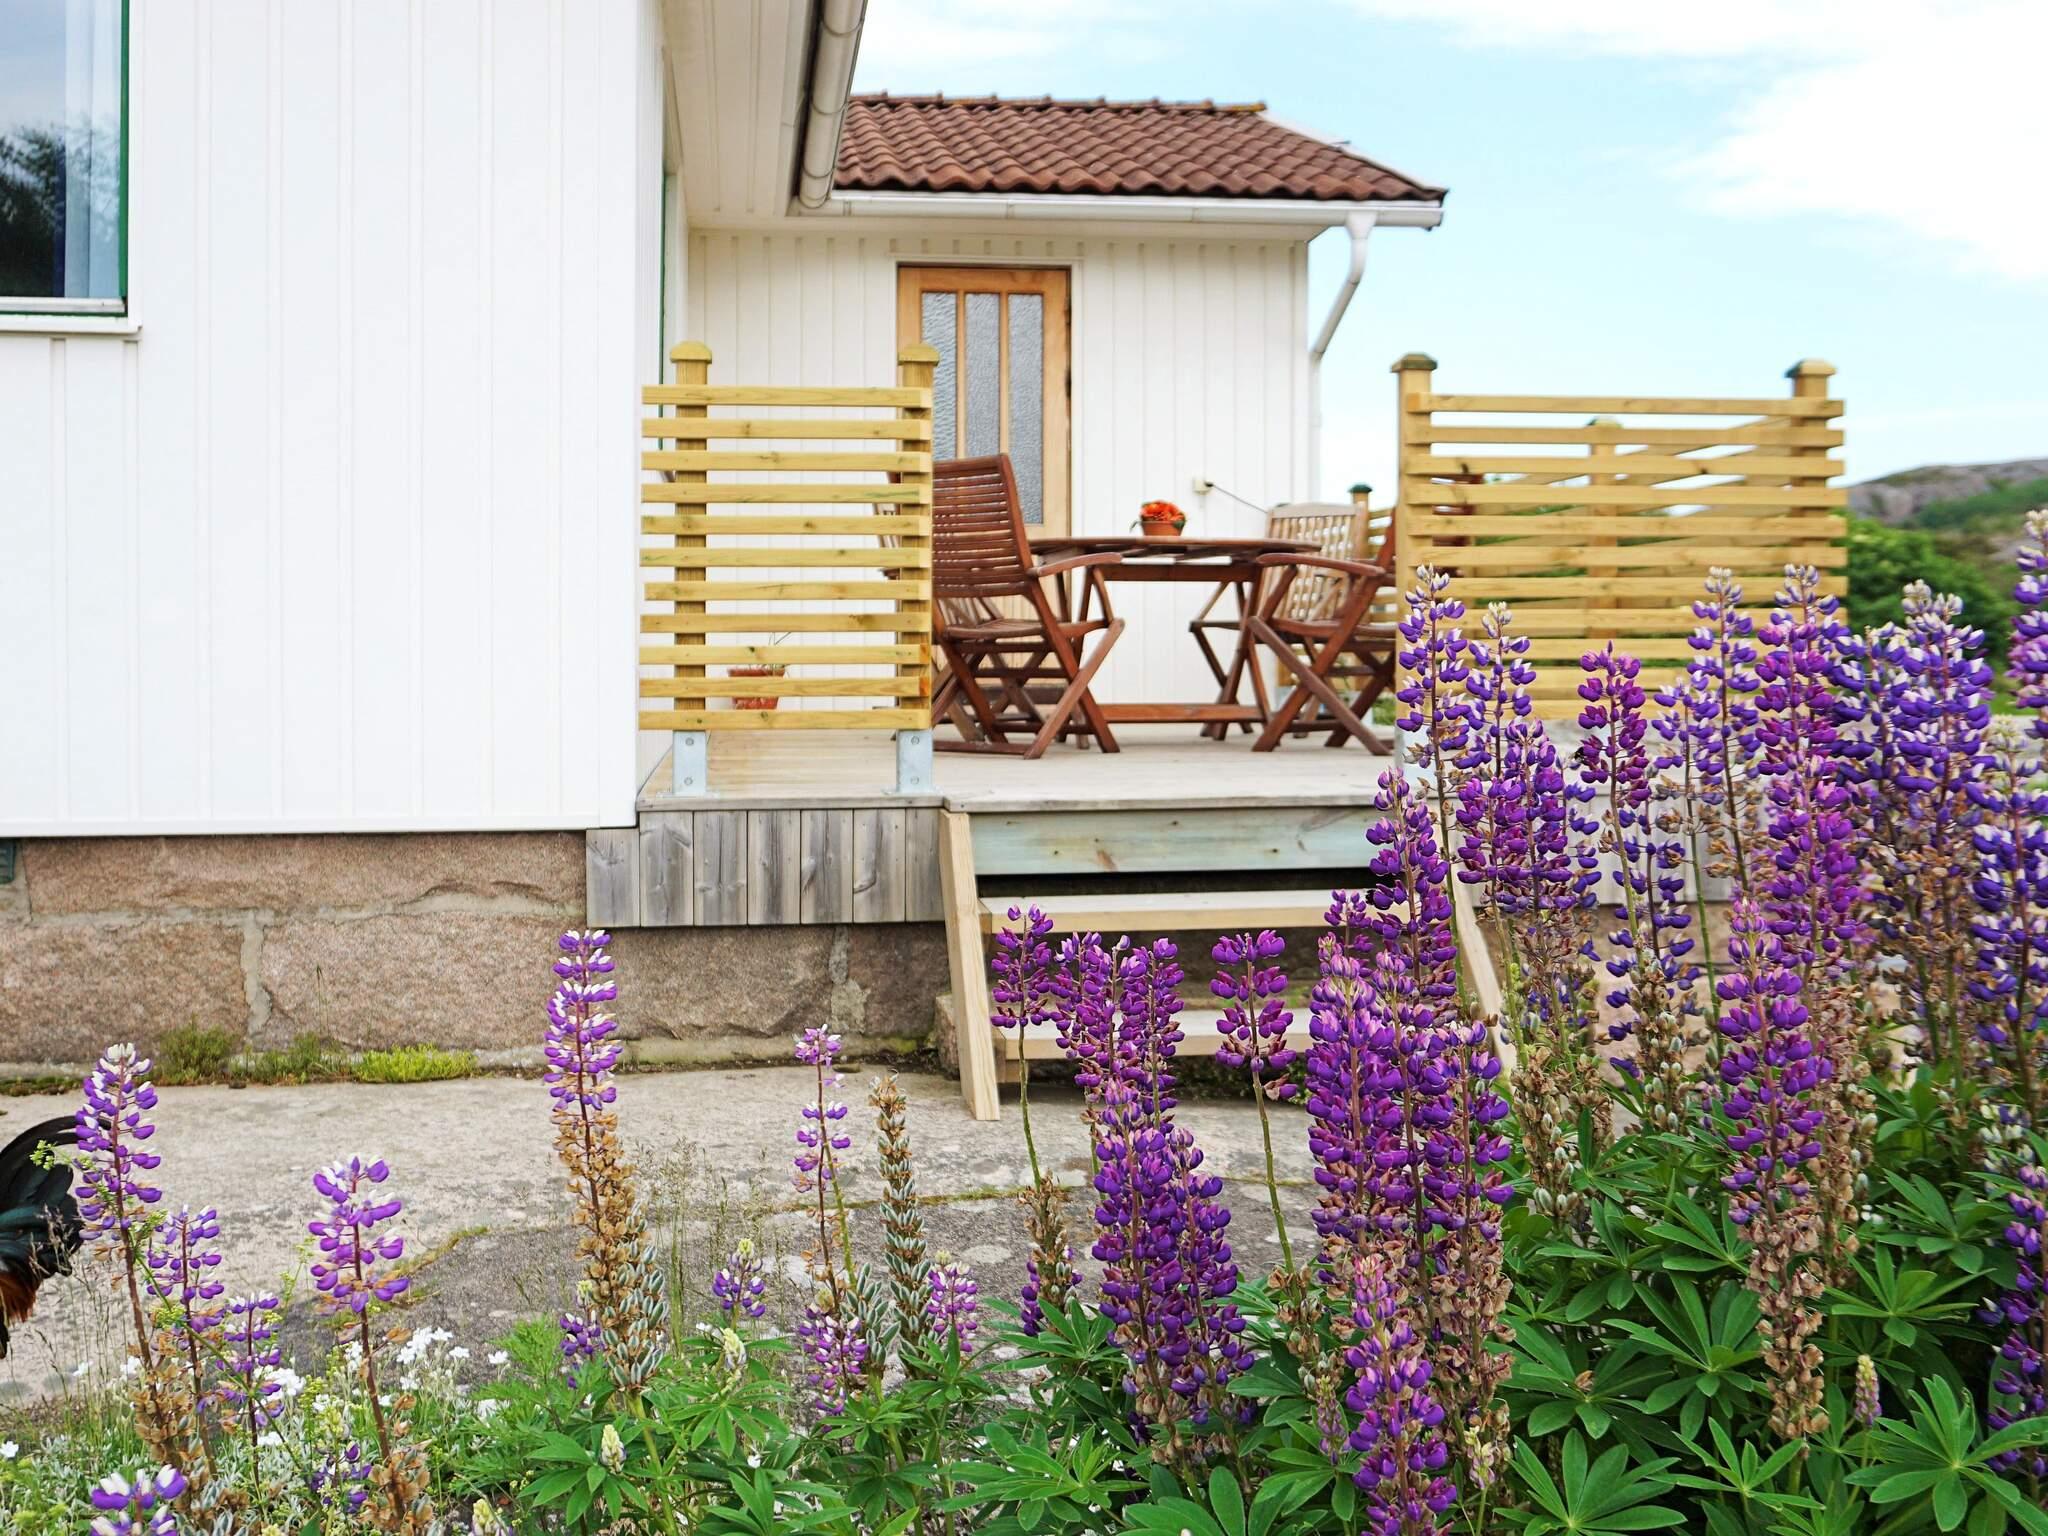 Ferienhaus Väjern (2636847), Kungshamn, Västra Götaland län, Westschweden, Schweden, Bild 11